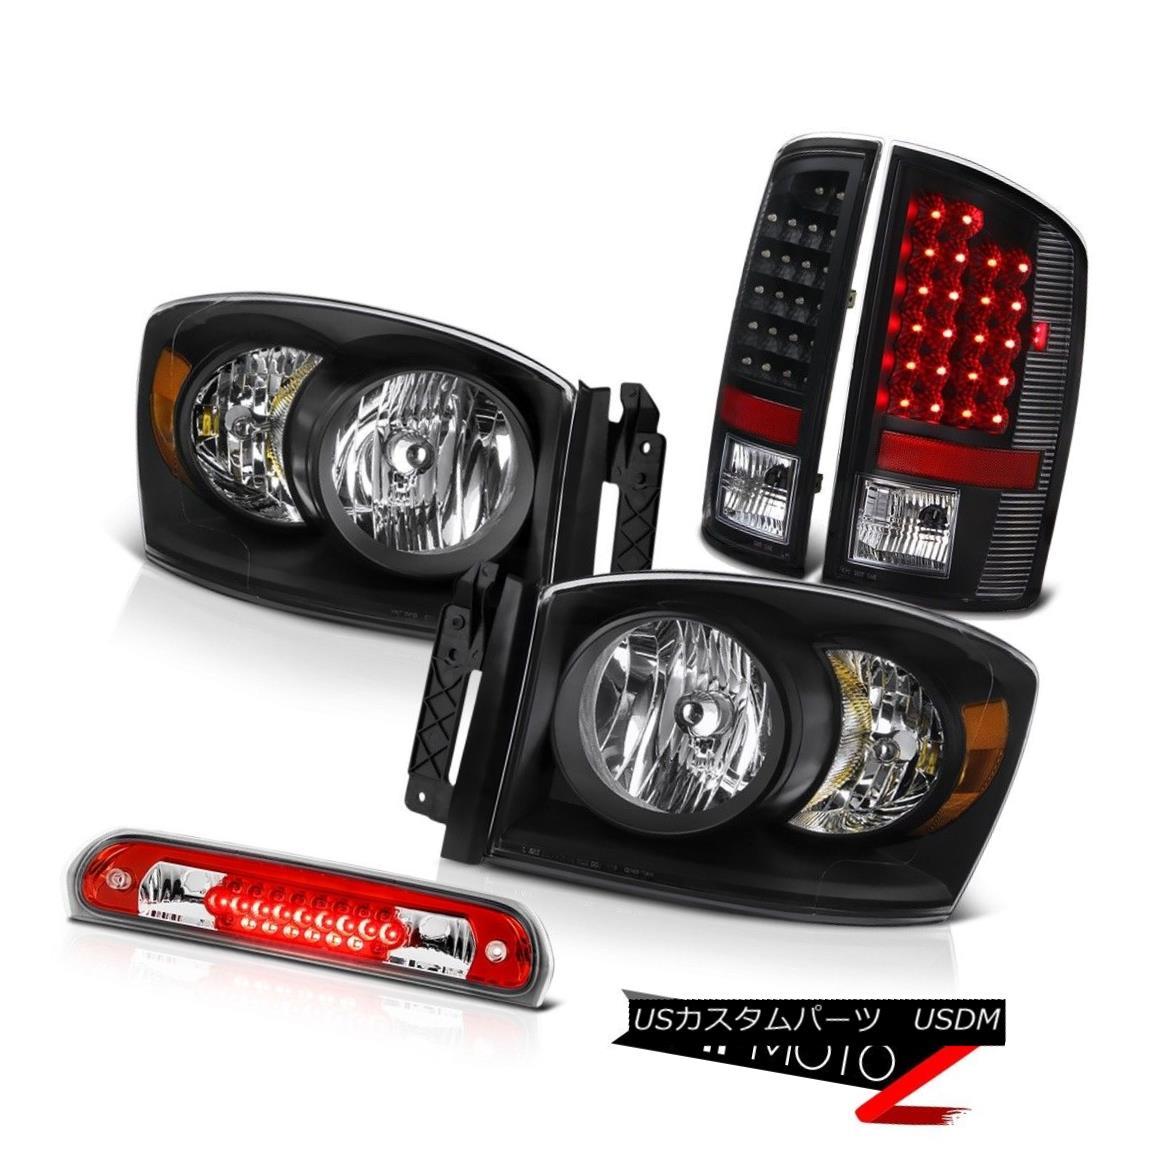 テールライト 2006 Dodge Ram ST L+R Crystal Black Headlights SMD Tail Lights 3rd Brake Red LED 2006 Dodge Ram ST L + RクリスタルブラックヘッドライトSMDテールライト第3ブレーキ赤色LED